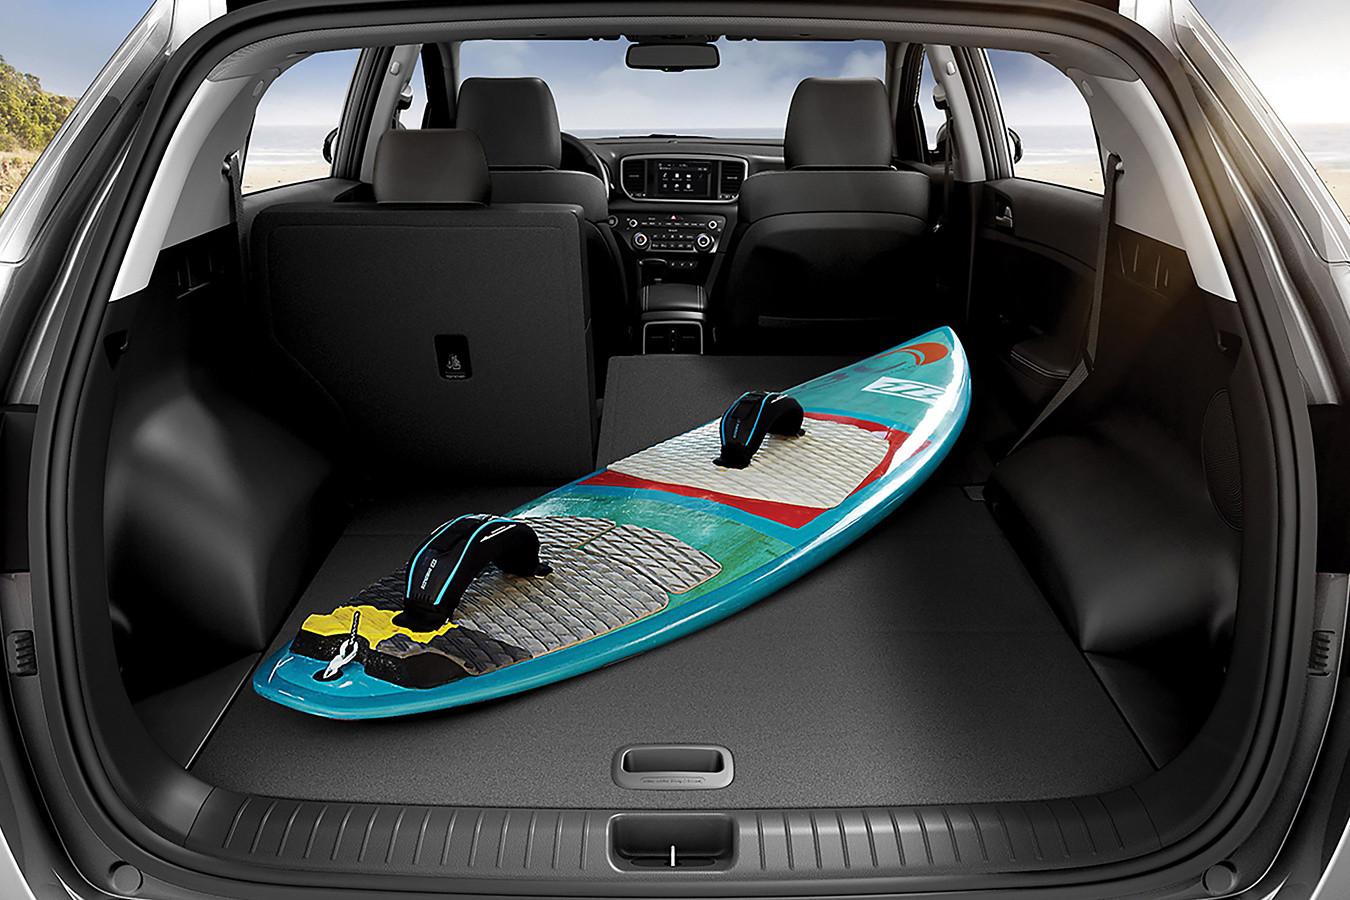 Versatile Storage in the 2020 Kia Sportage